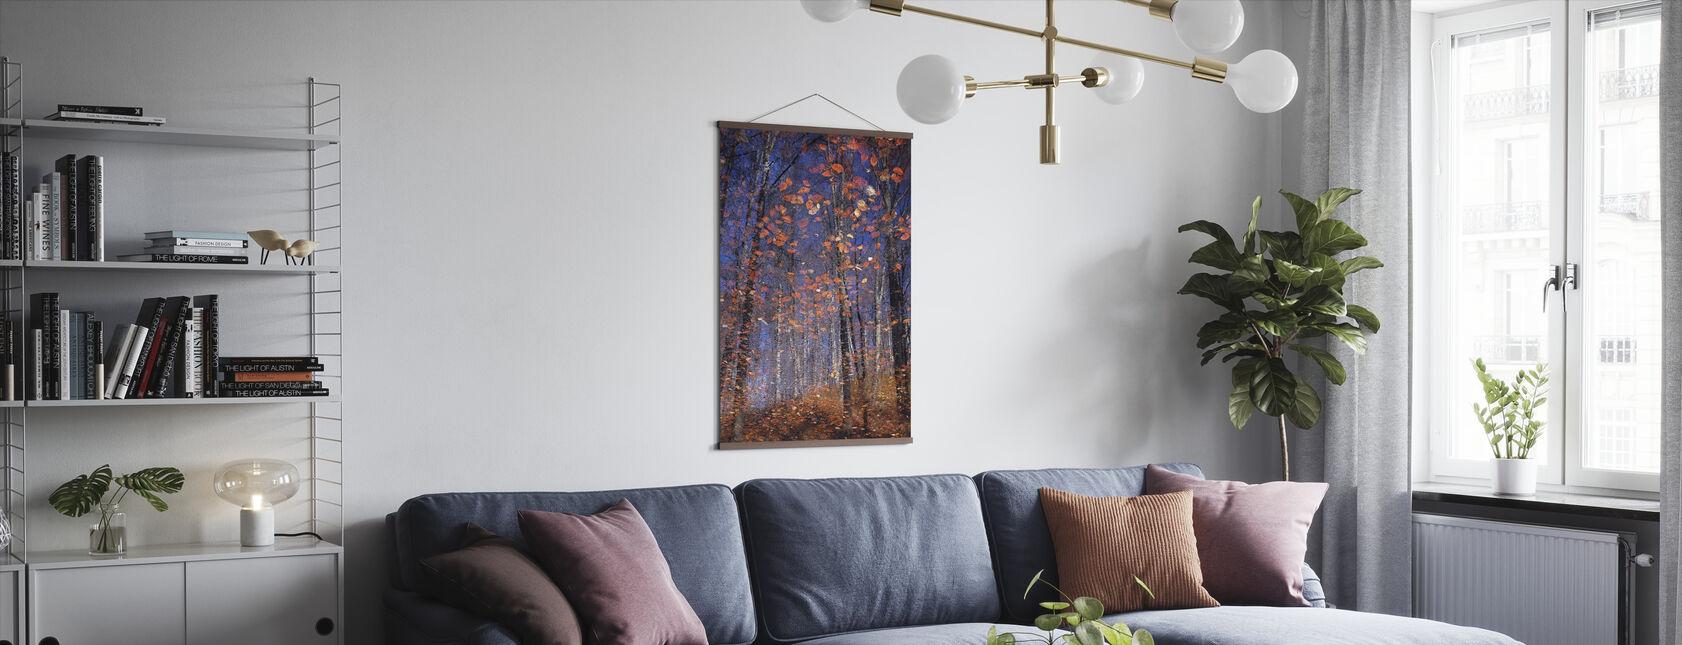 Golden Autumn Leaves - Poster - Living Room